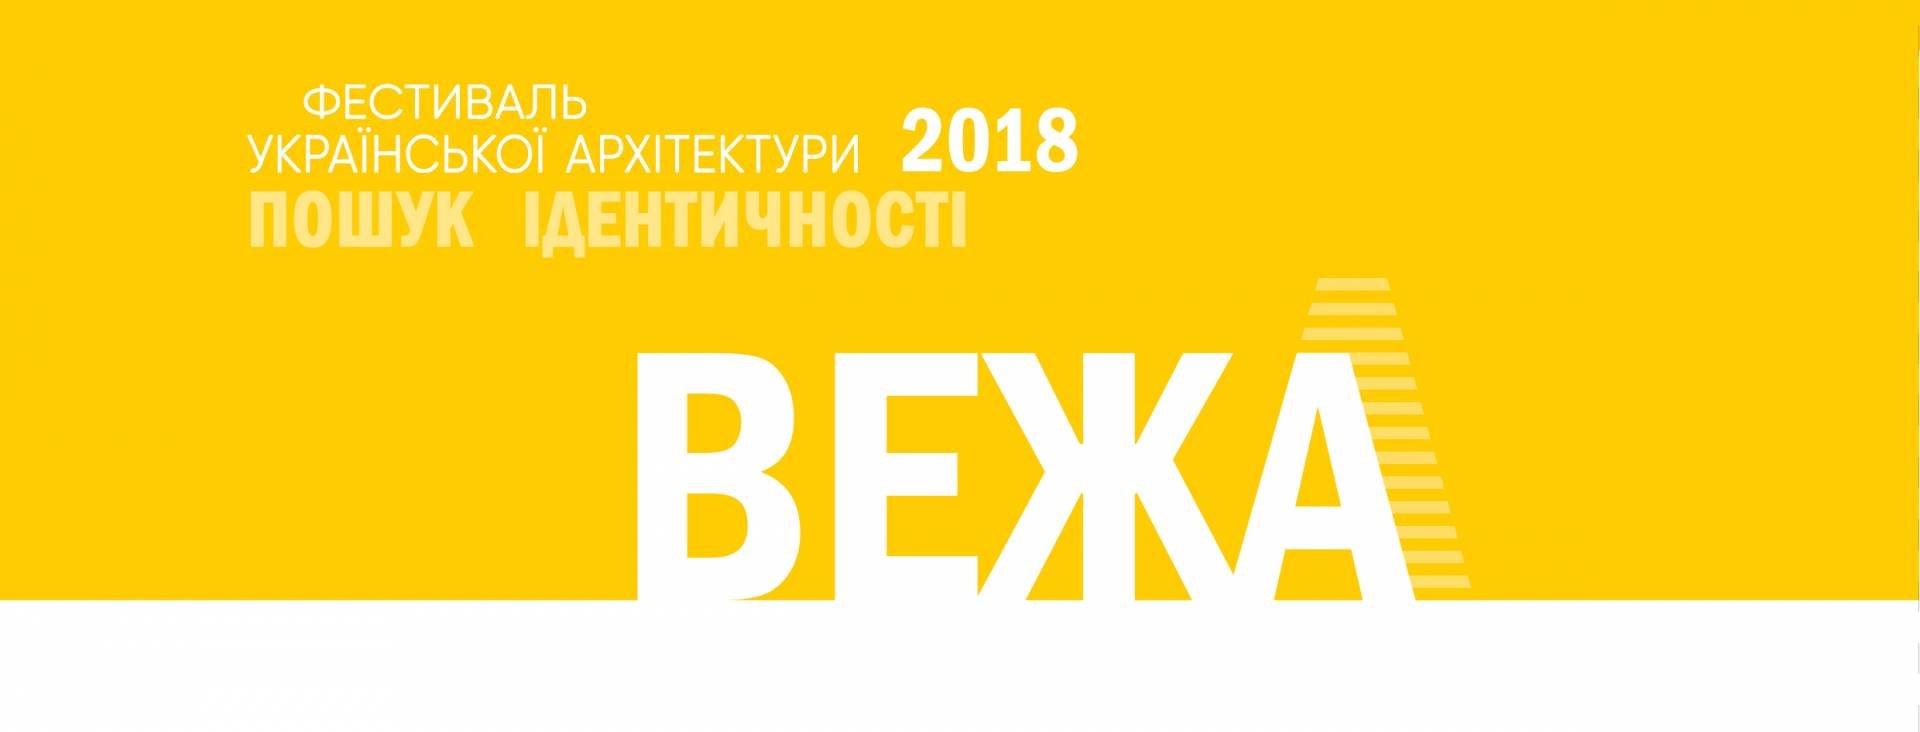 ВЕЖА 2018